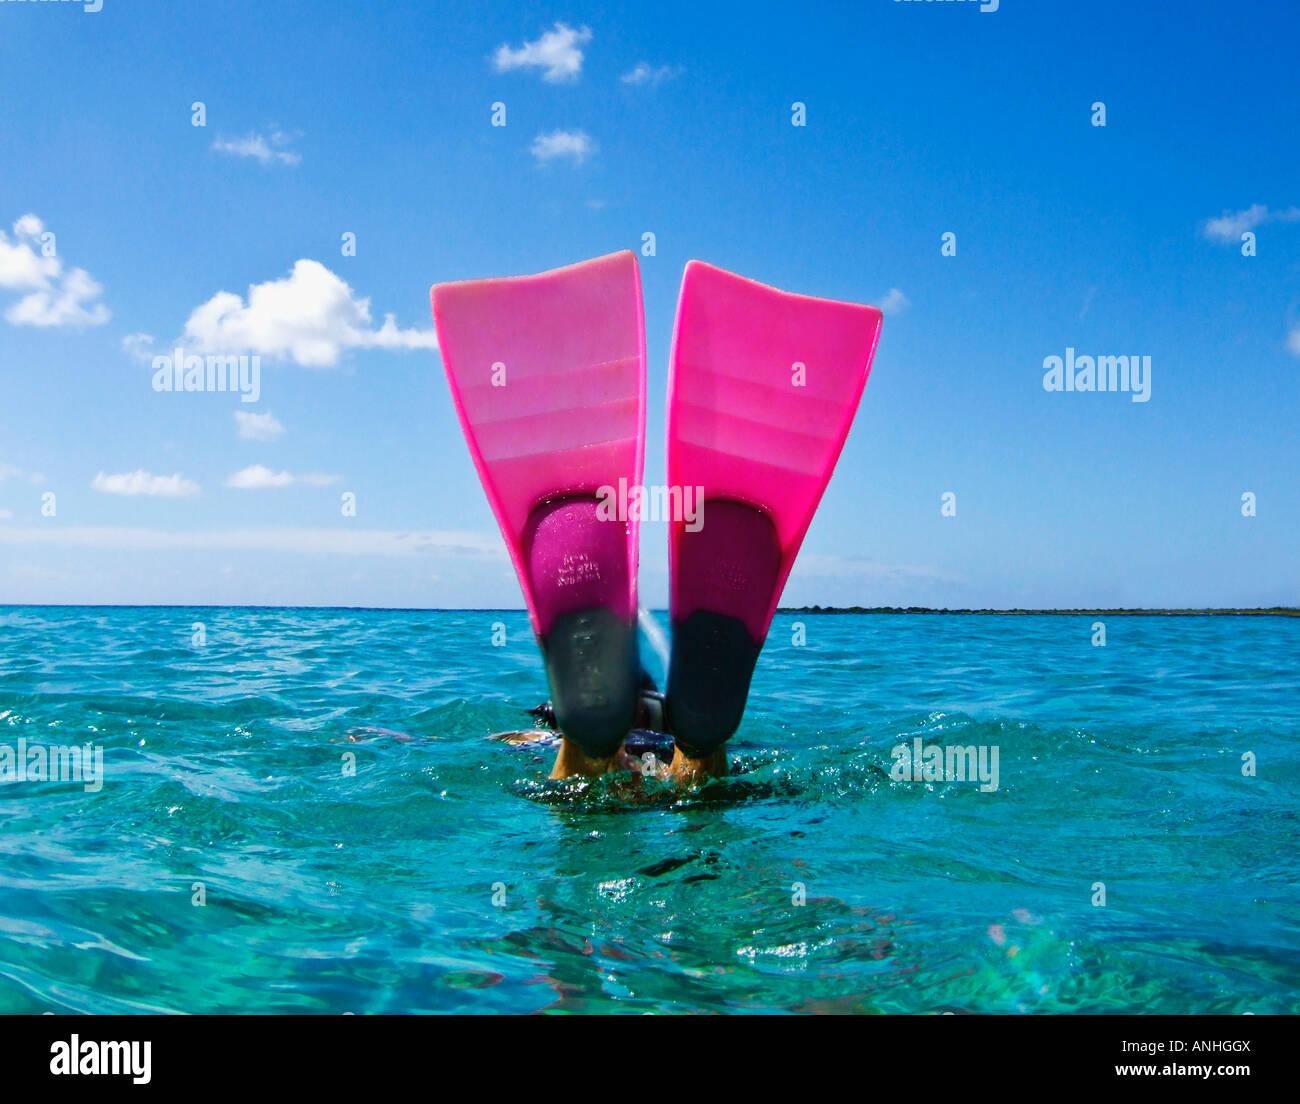 Rosa aletas buceo submarinismo en cian azul mar Caribe Imagen De Stock